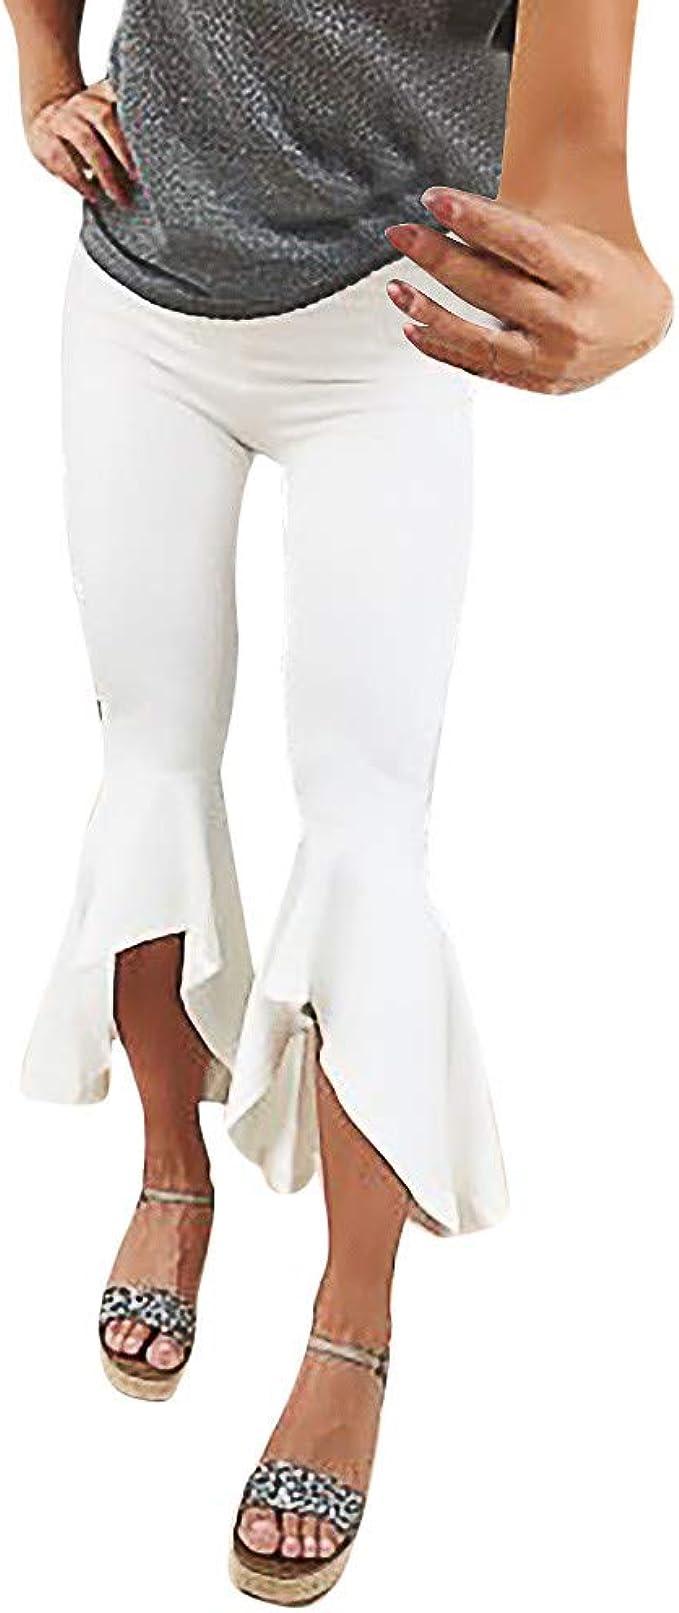 Sunnsean Pantalones De Moda Casual Para Mujer Pantalones De Chandal Elegantes De Color Solido Pantalones Formales Ropa De Trabajo Pantalones De Mujer Pantalones Acampanados Amazon Es Ropa Y Accesorios